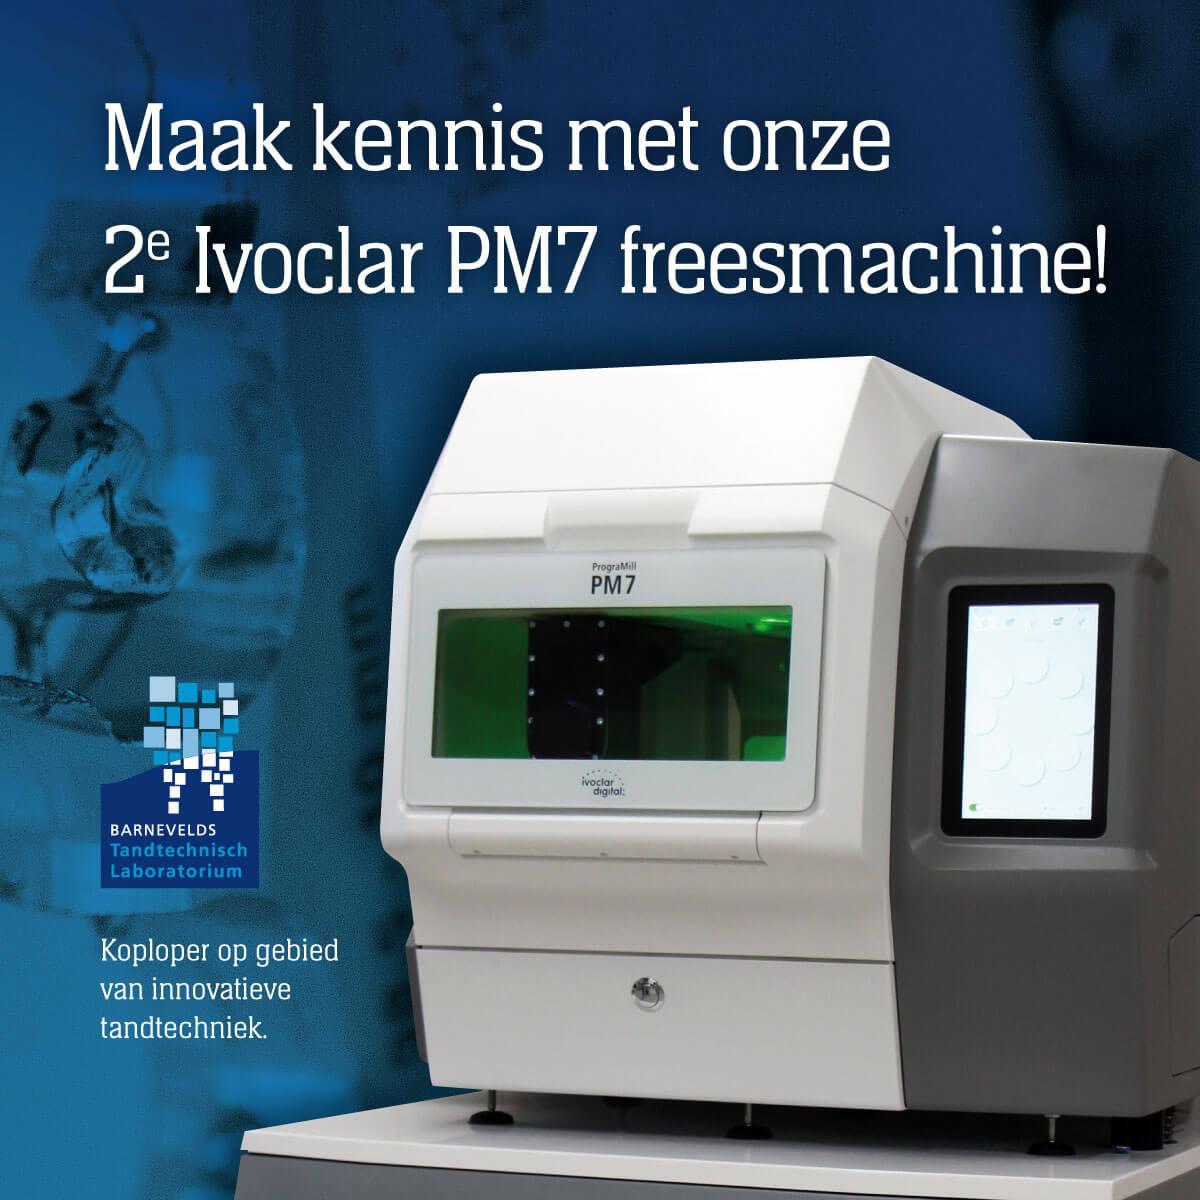 ivoclar pm7 freesmachine | Tandtechnicus CAD/CAM | Barnevelds Tandtechnisch Laboratorium